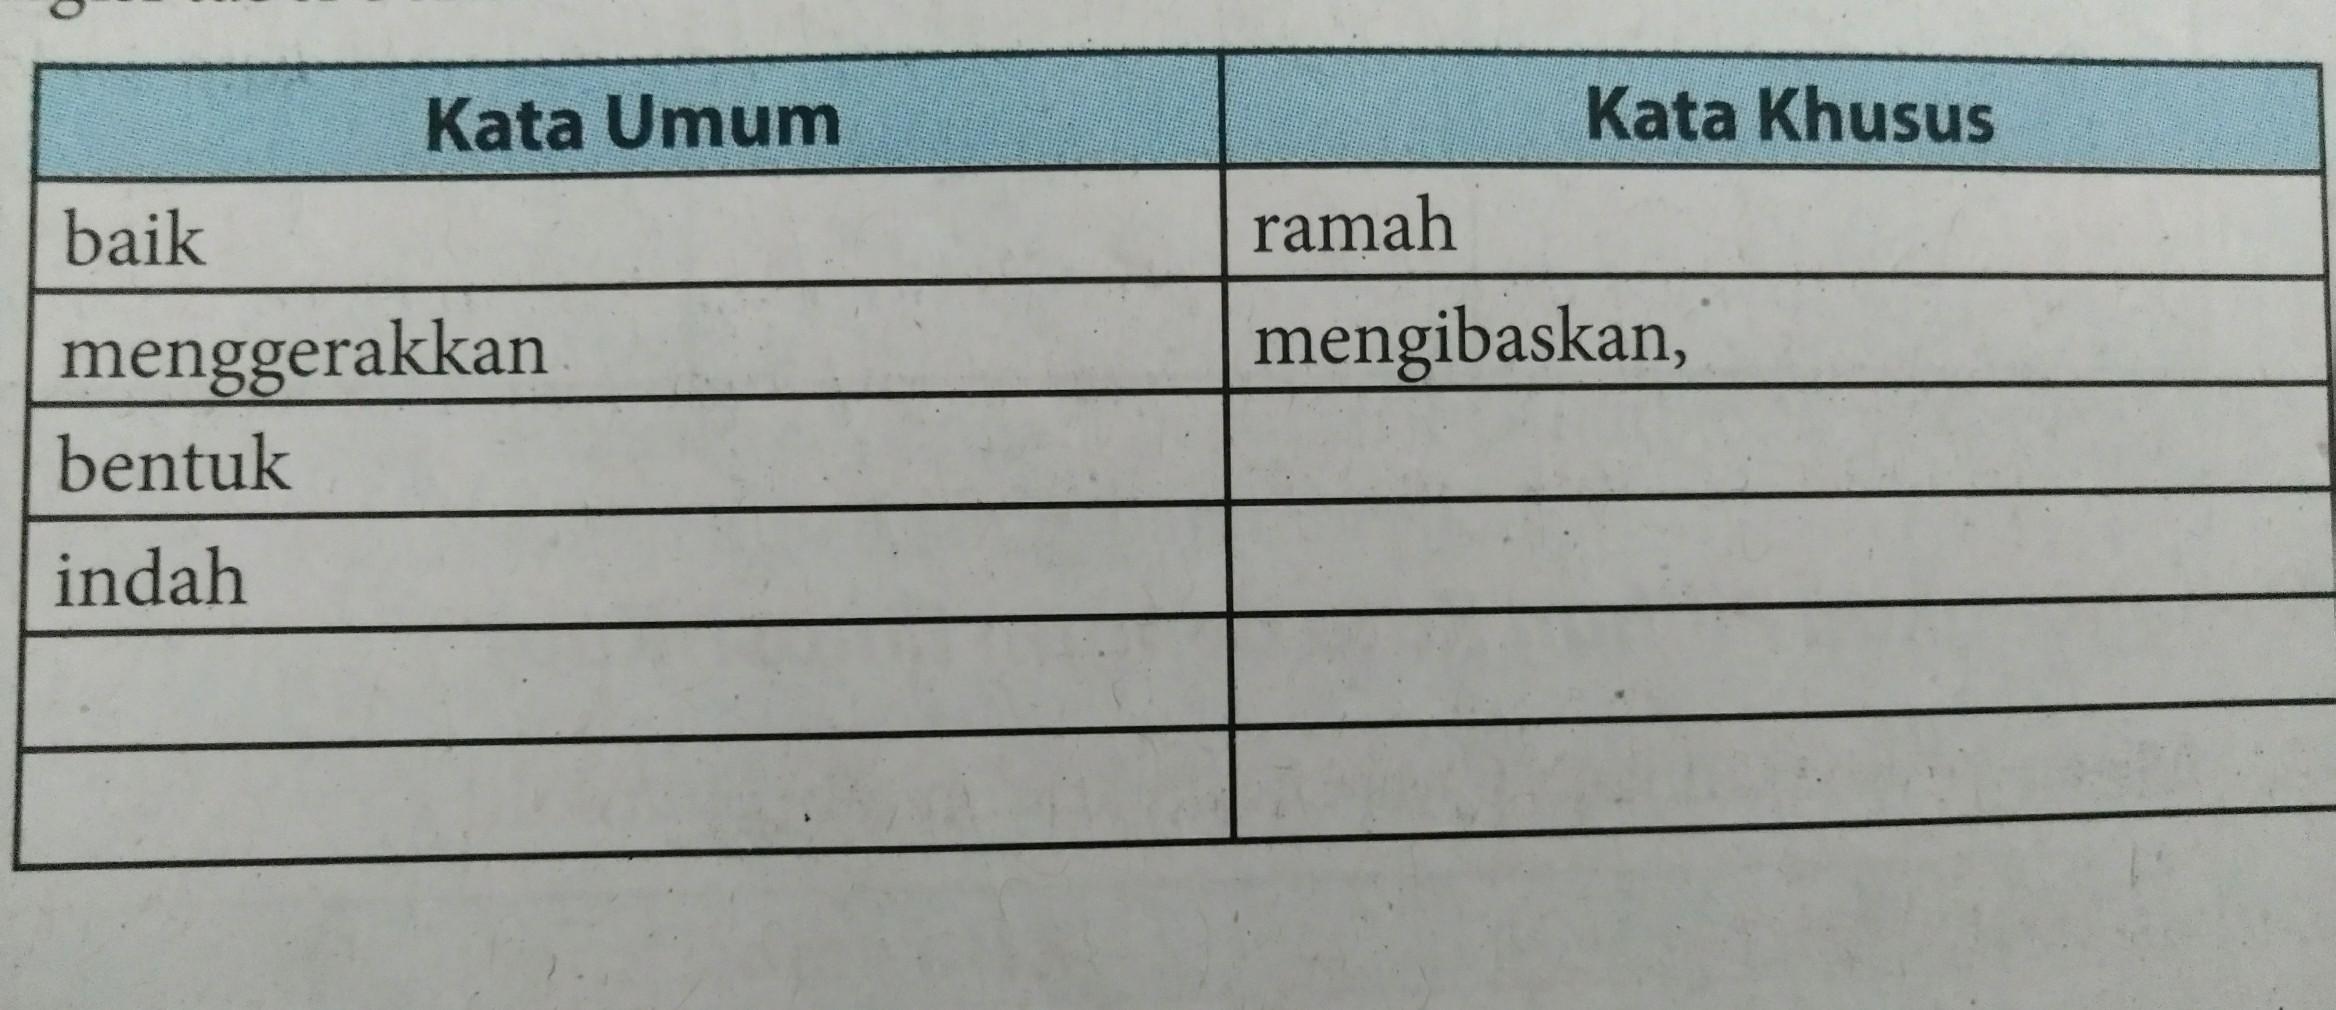 Tugas Paket Bahasa Indonesia Kelas 11 Semester 2 Halaman 153 Mencari Bagian Bagian Proposal